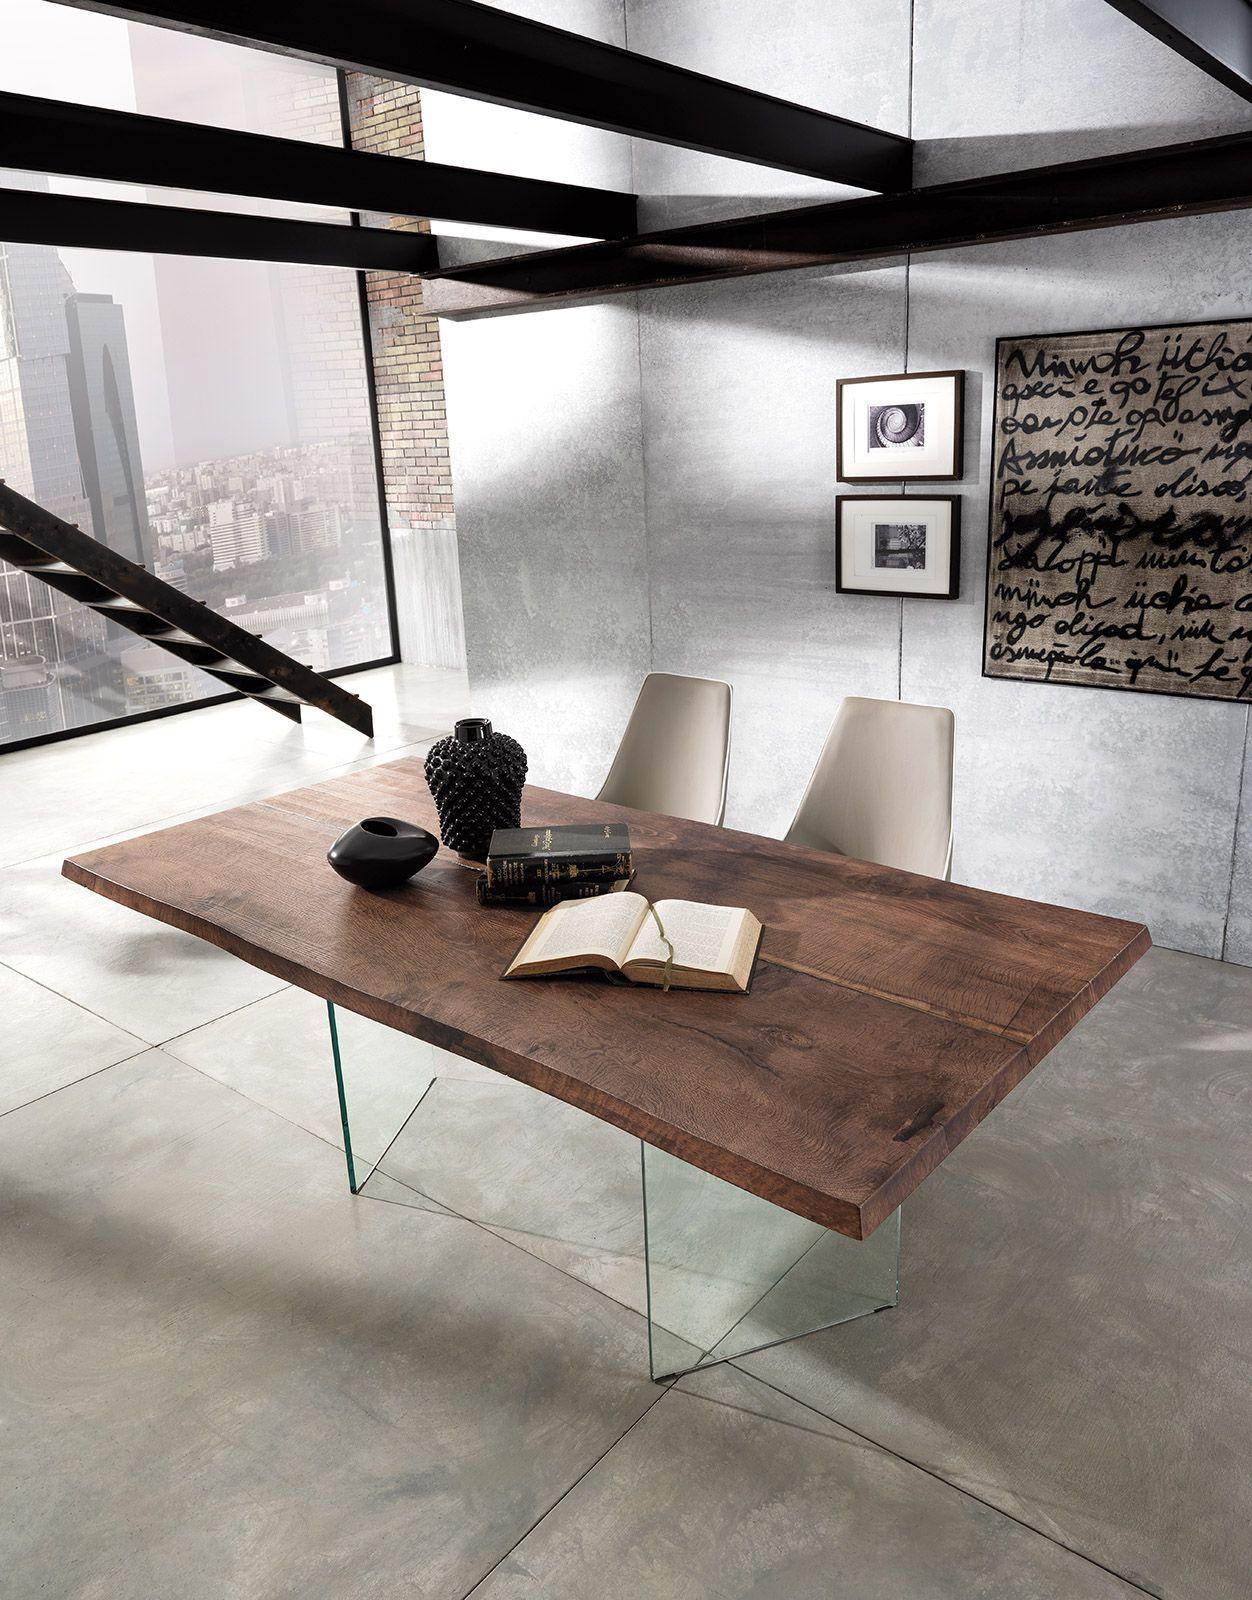 Tavolo di design in vetro e legno volutamente anticato